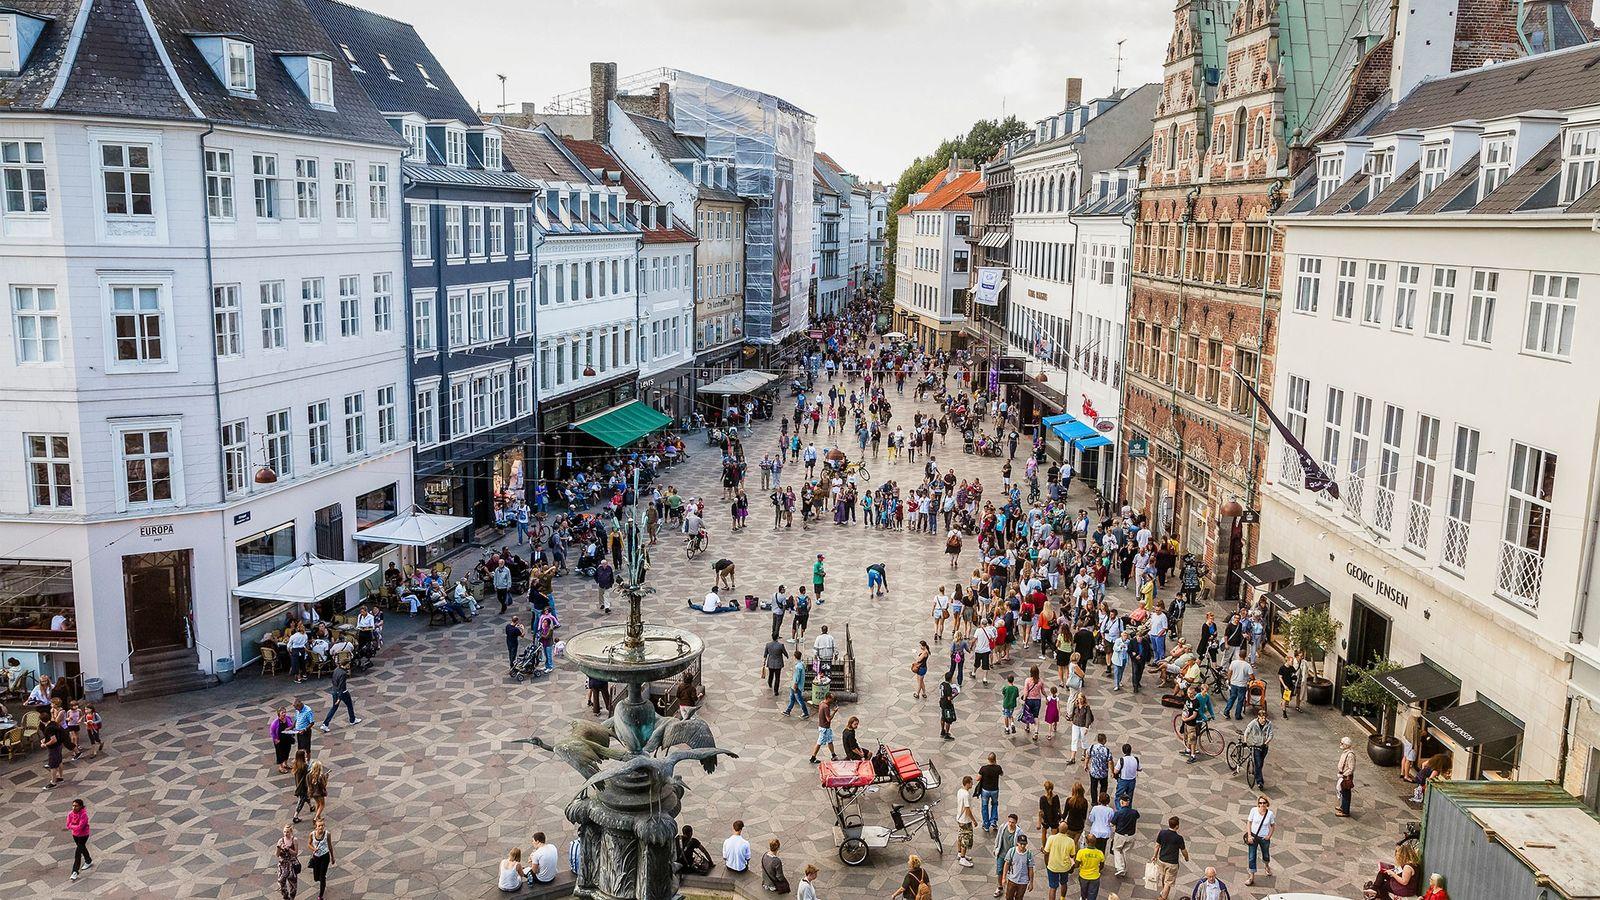 Consumidores de Copenhague e de outras regiões da Dinamarca têm uma perspectiva diferente em relação às ...